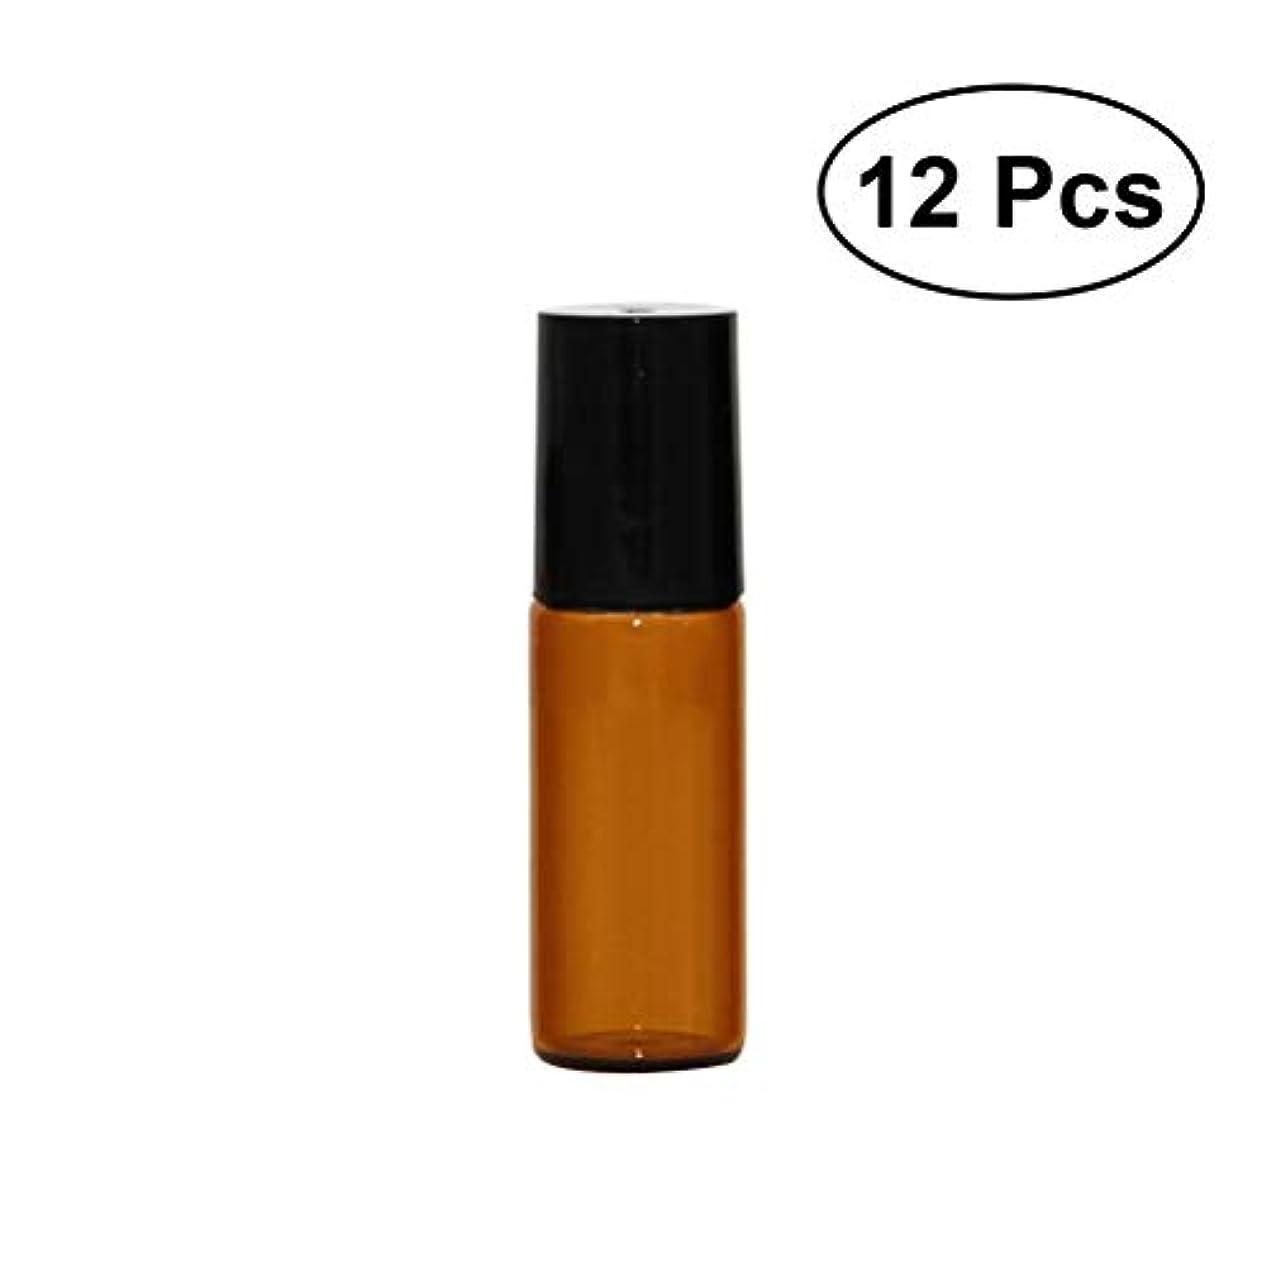 構築する一般的に言えばスペード12本セット 5ml ローオンボトル イプ 茶色 香水 精油 遮光瓶 ガラスロールタ小分け用 アロマボトル 保存容器